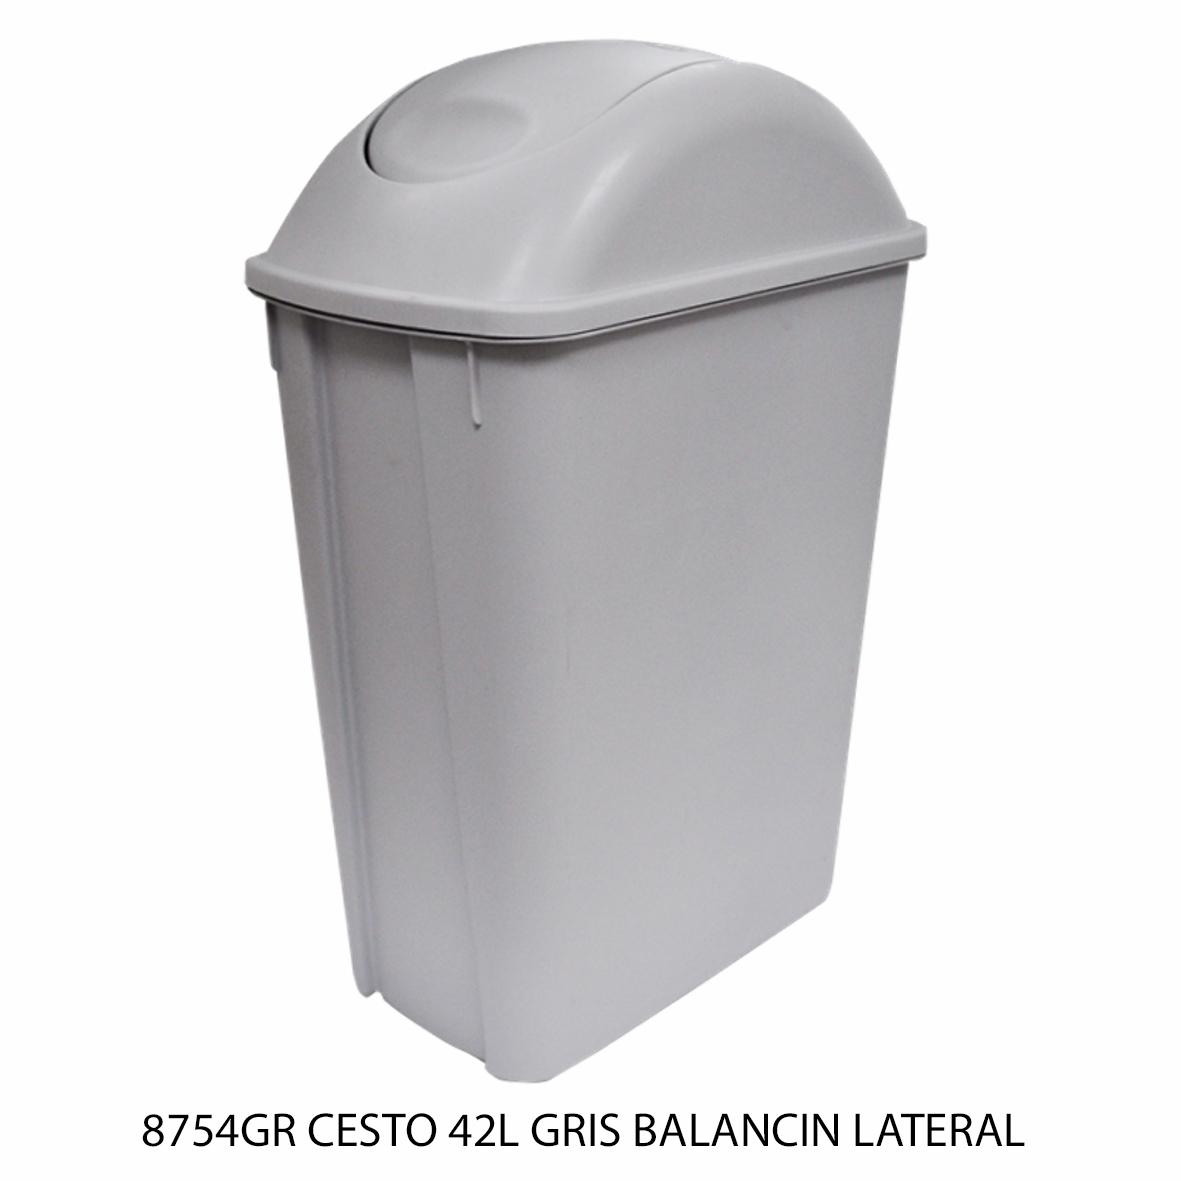 Bote de basura mediano de 42 litros con balancín lateral color gris modelo 8754GR de Sablón